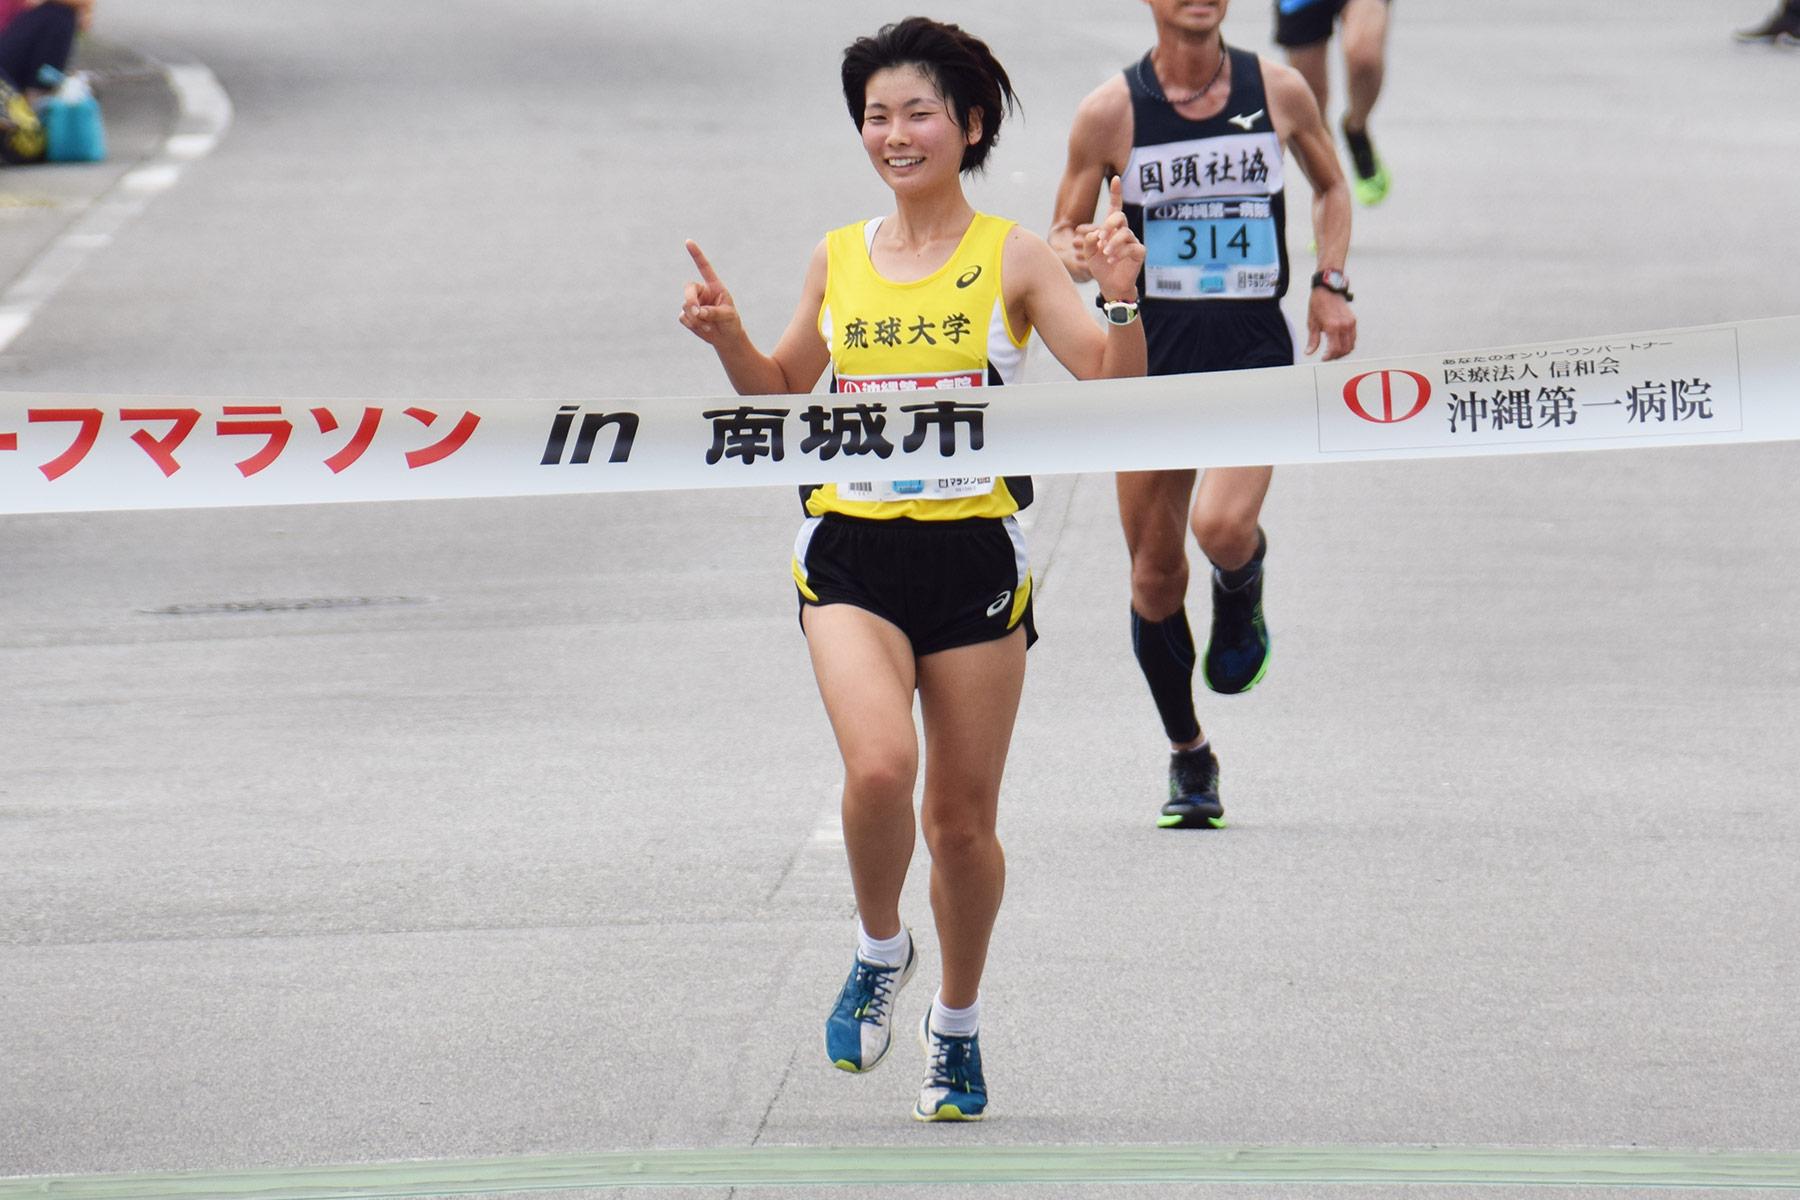 ハーフ女子優勝 岡本葉子さん